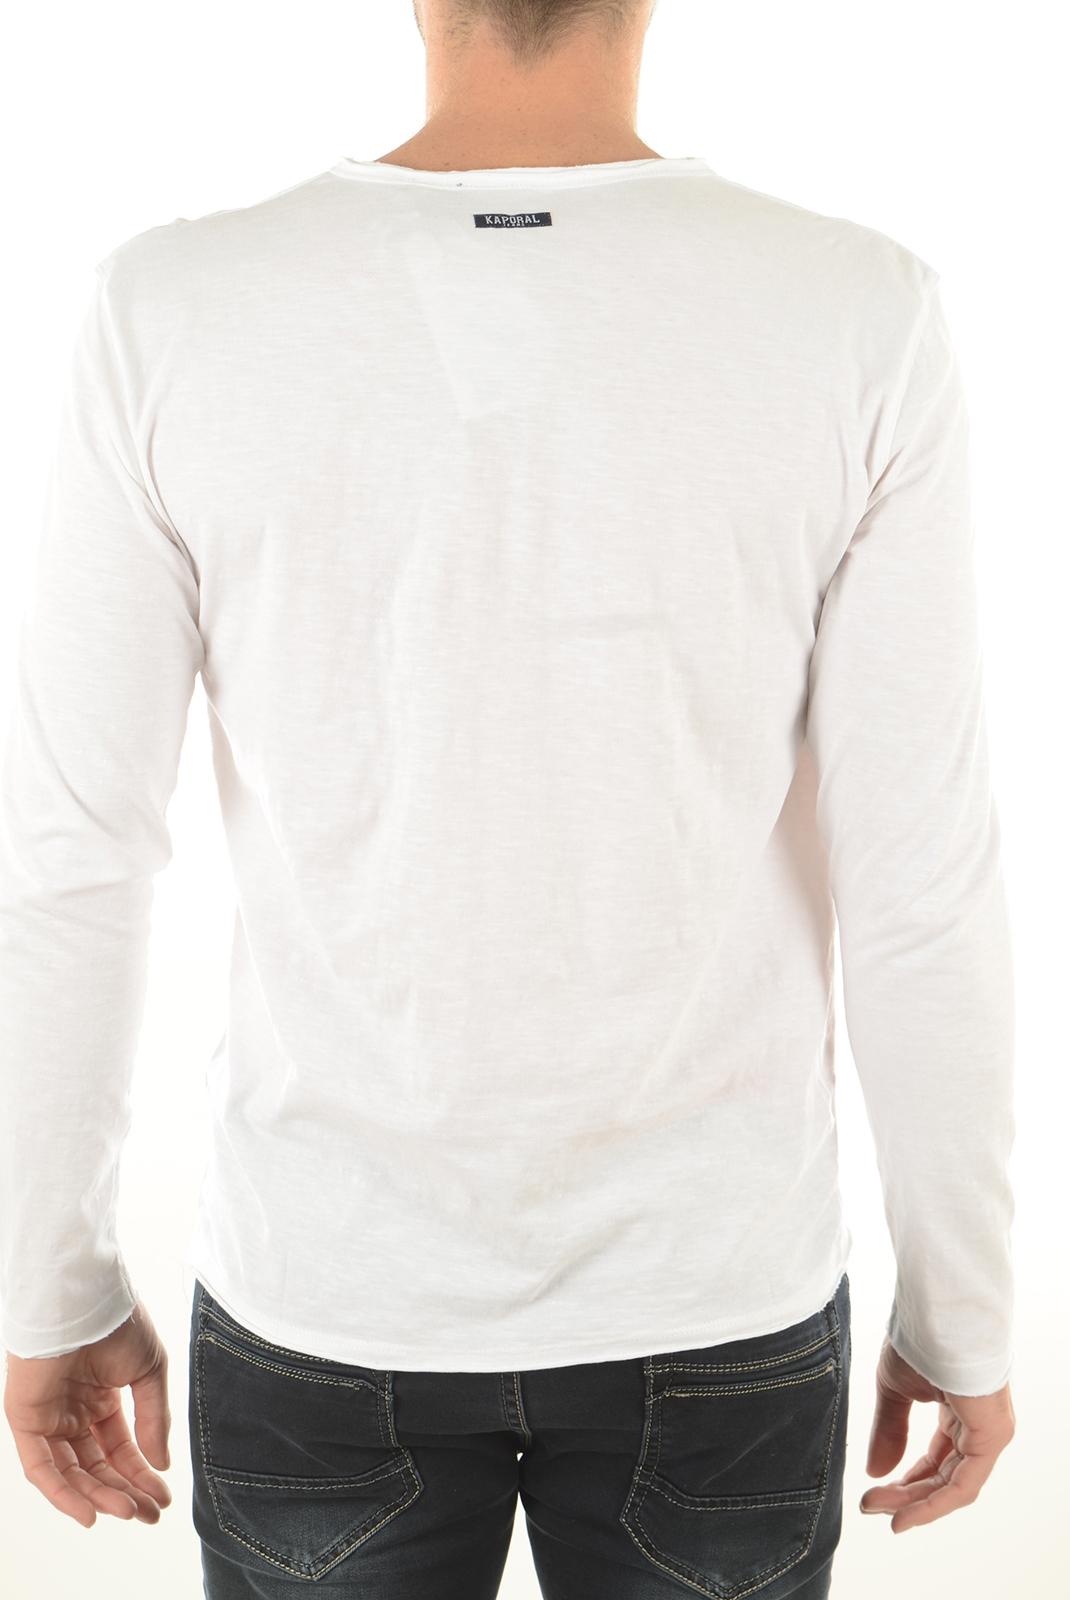 Tee-shirts  Kaporal TING WHITE